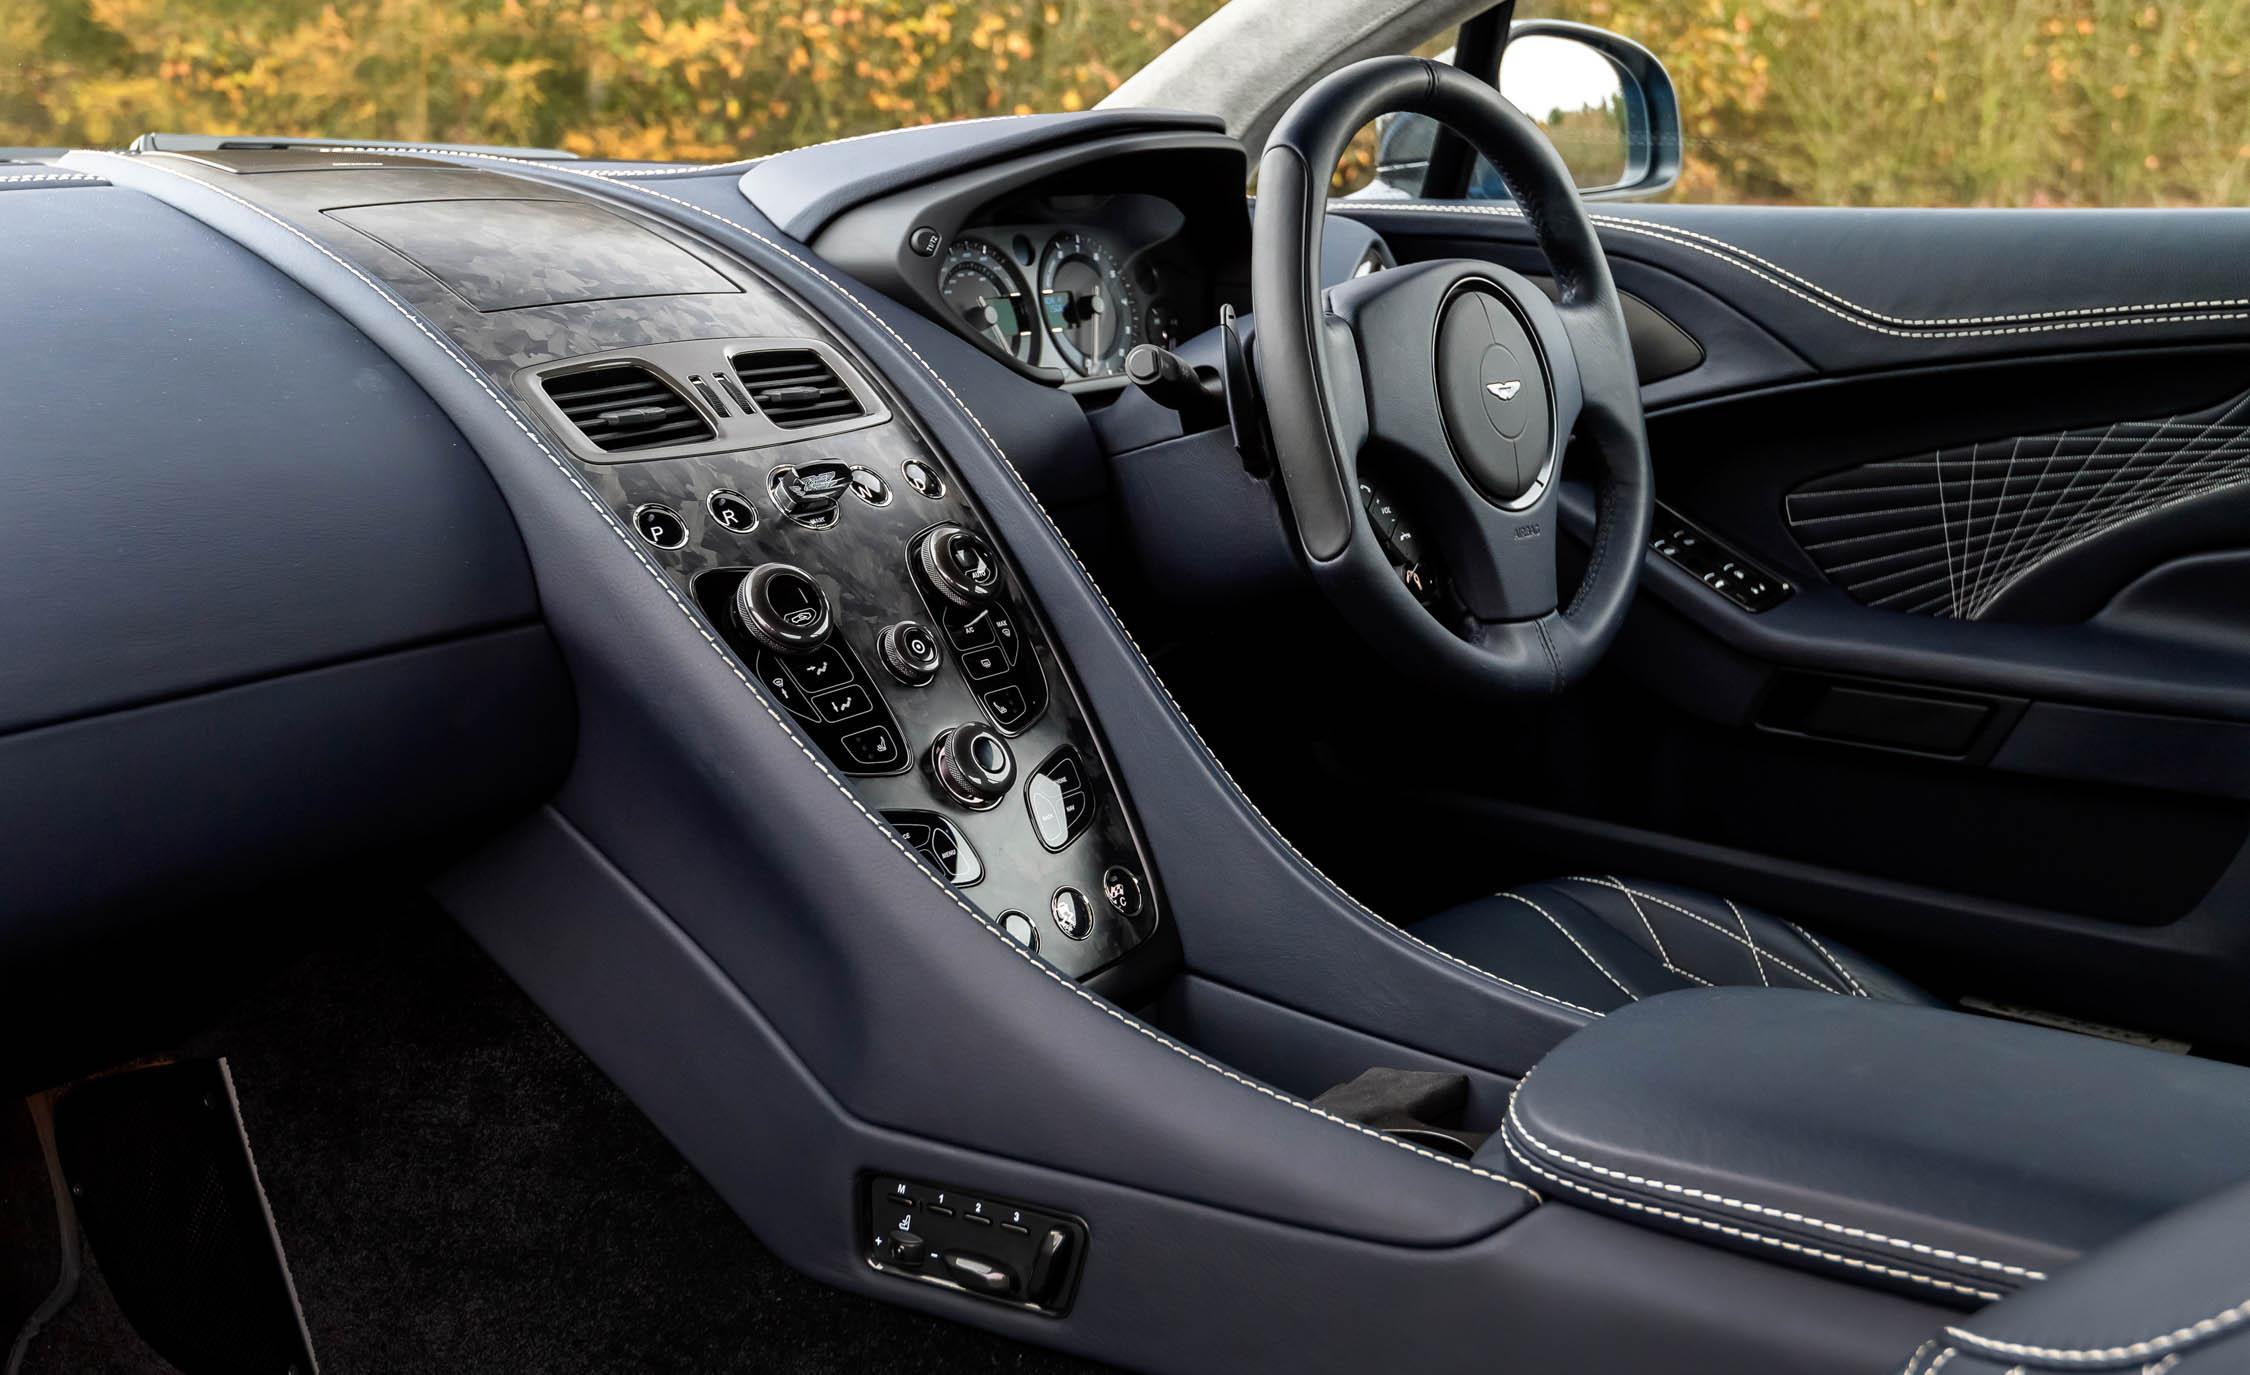 2017 Aston Martin Vanquish S (View 8 of 30)